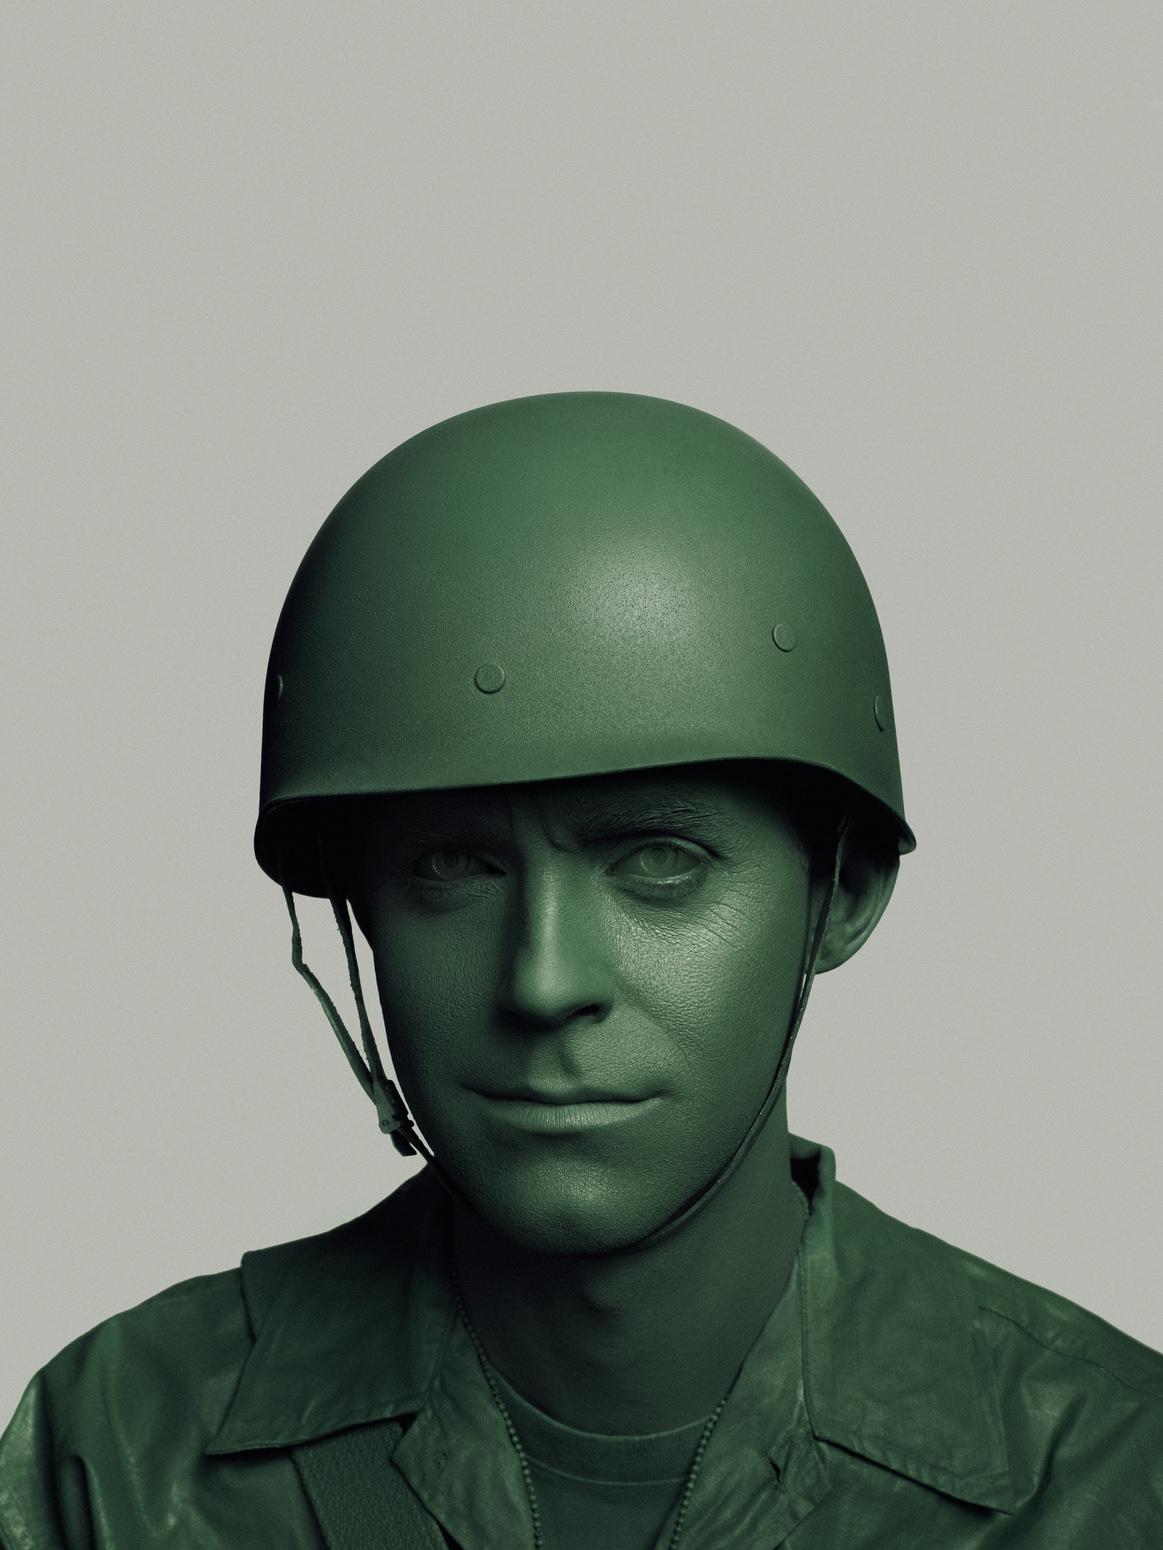 Uniform By John Keatley